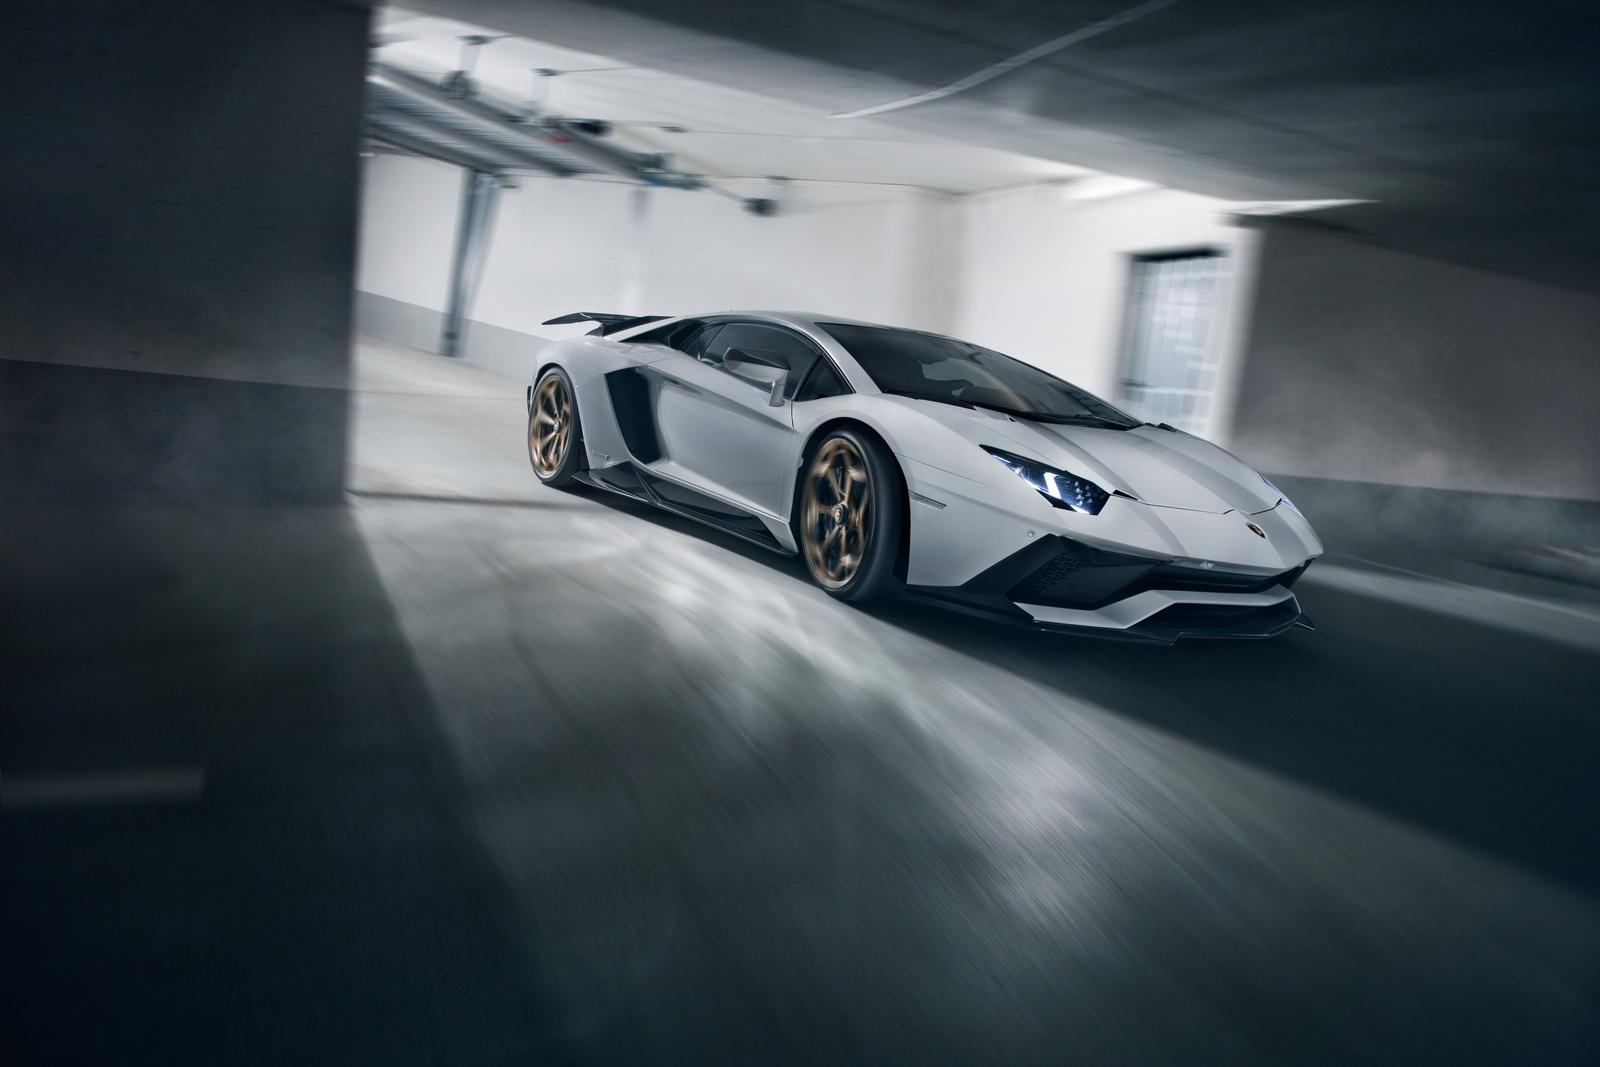 Aventador S отличается улучшенной производительностью, новыми деталями из карбона и эстетическими модификациями, такими как новые колеса и новая выхлопная система. Пакет остается верным дизайну Novitec, первоначально созданному для Aventador первого